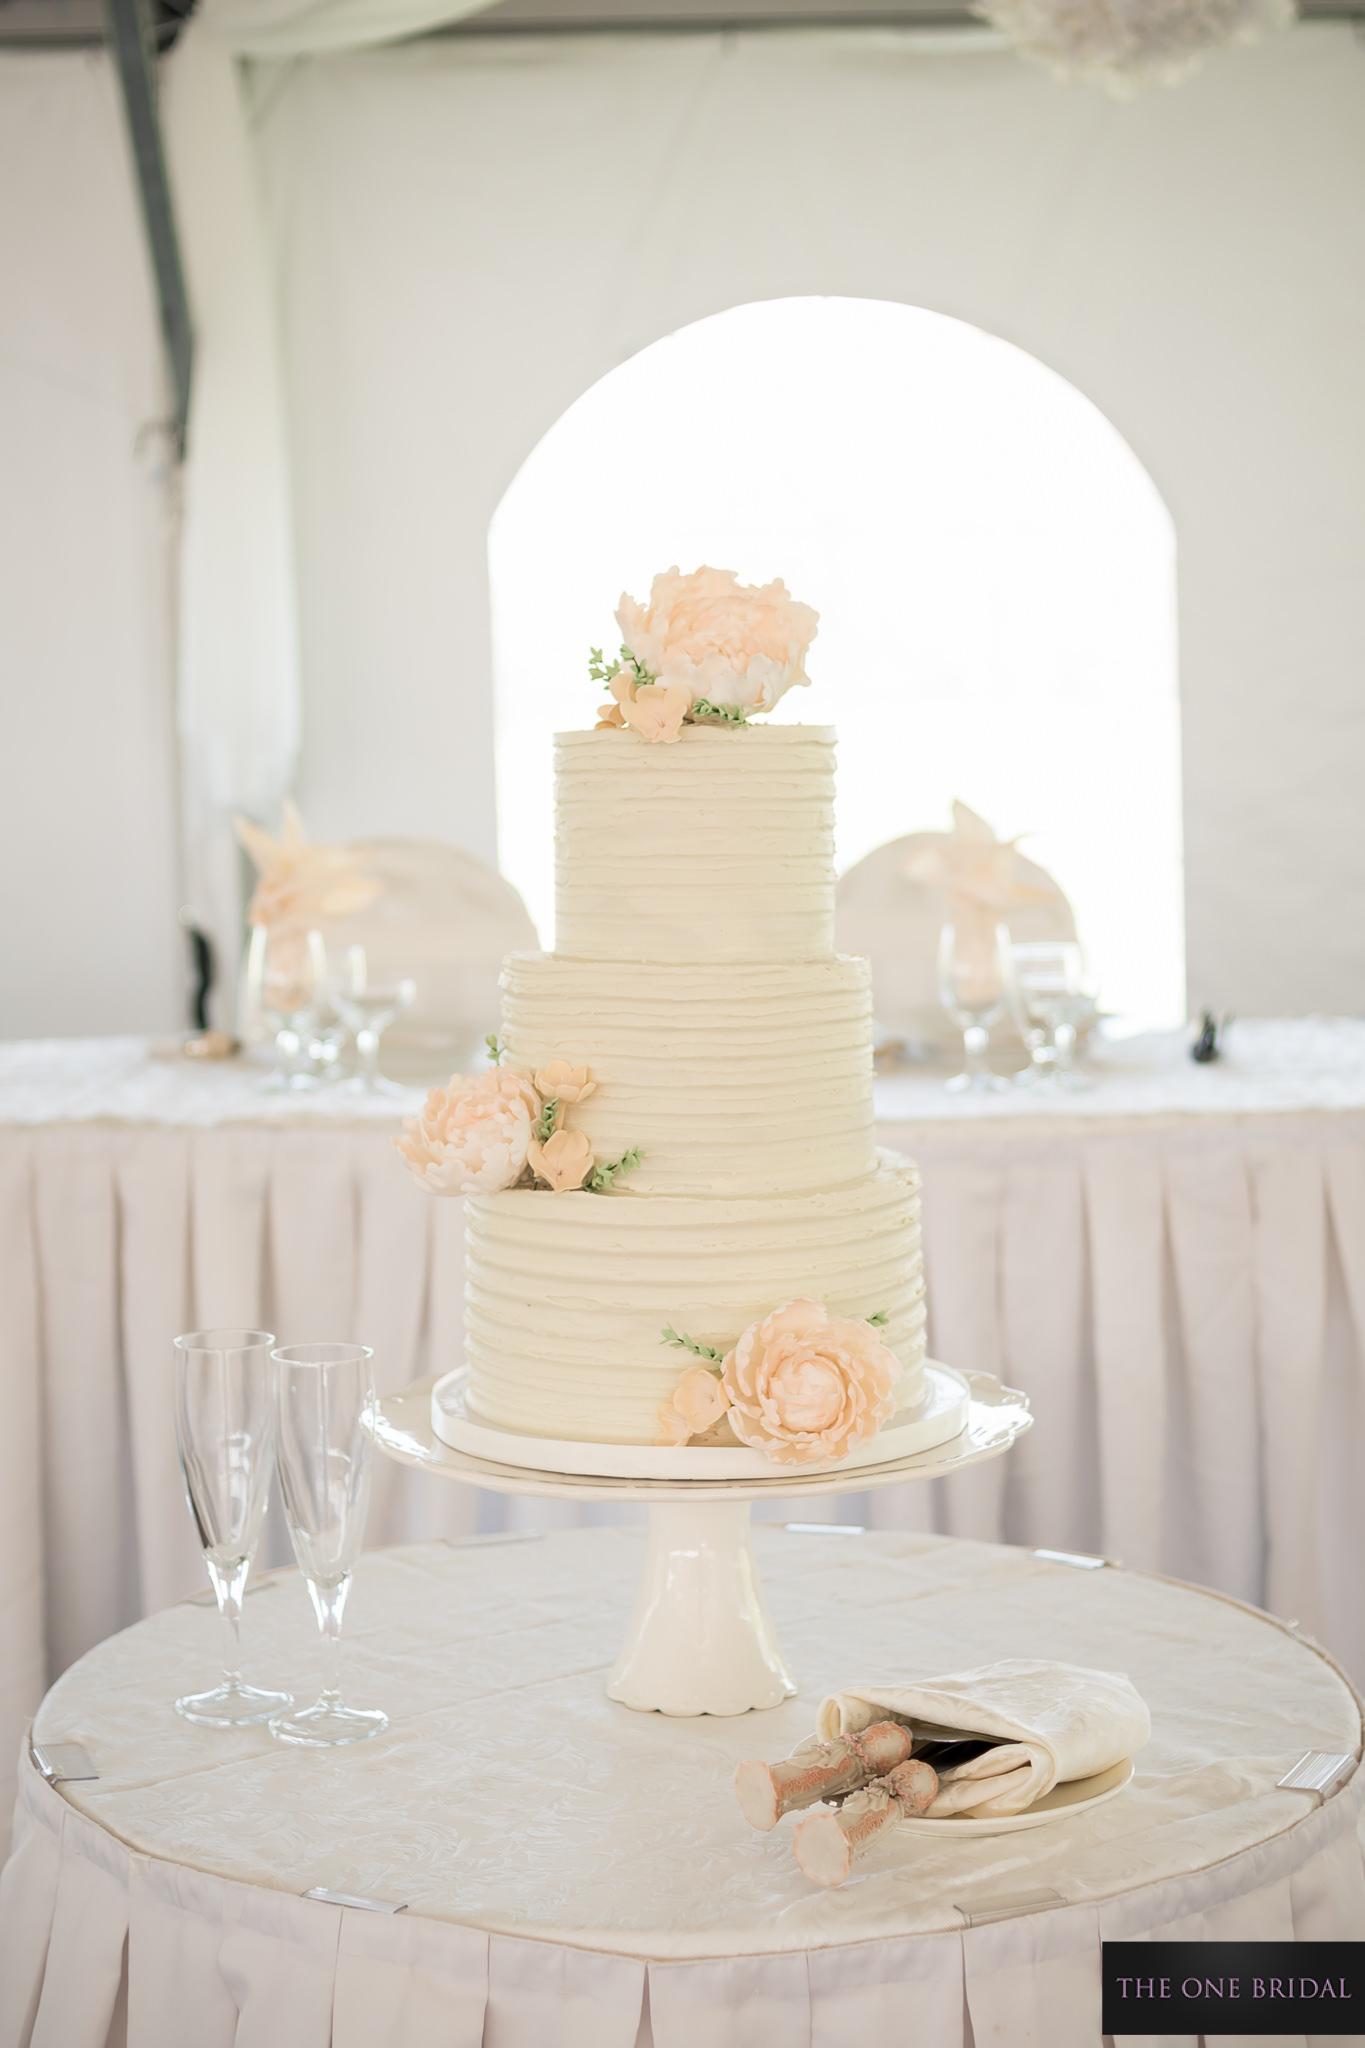 mandarin-golf-club-wedding-markham-the-one-bridal-110